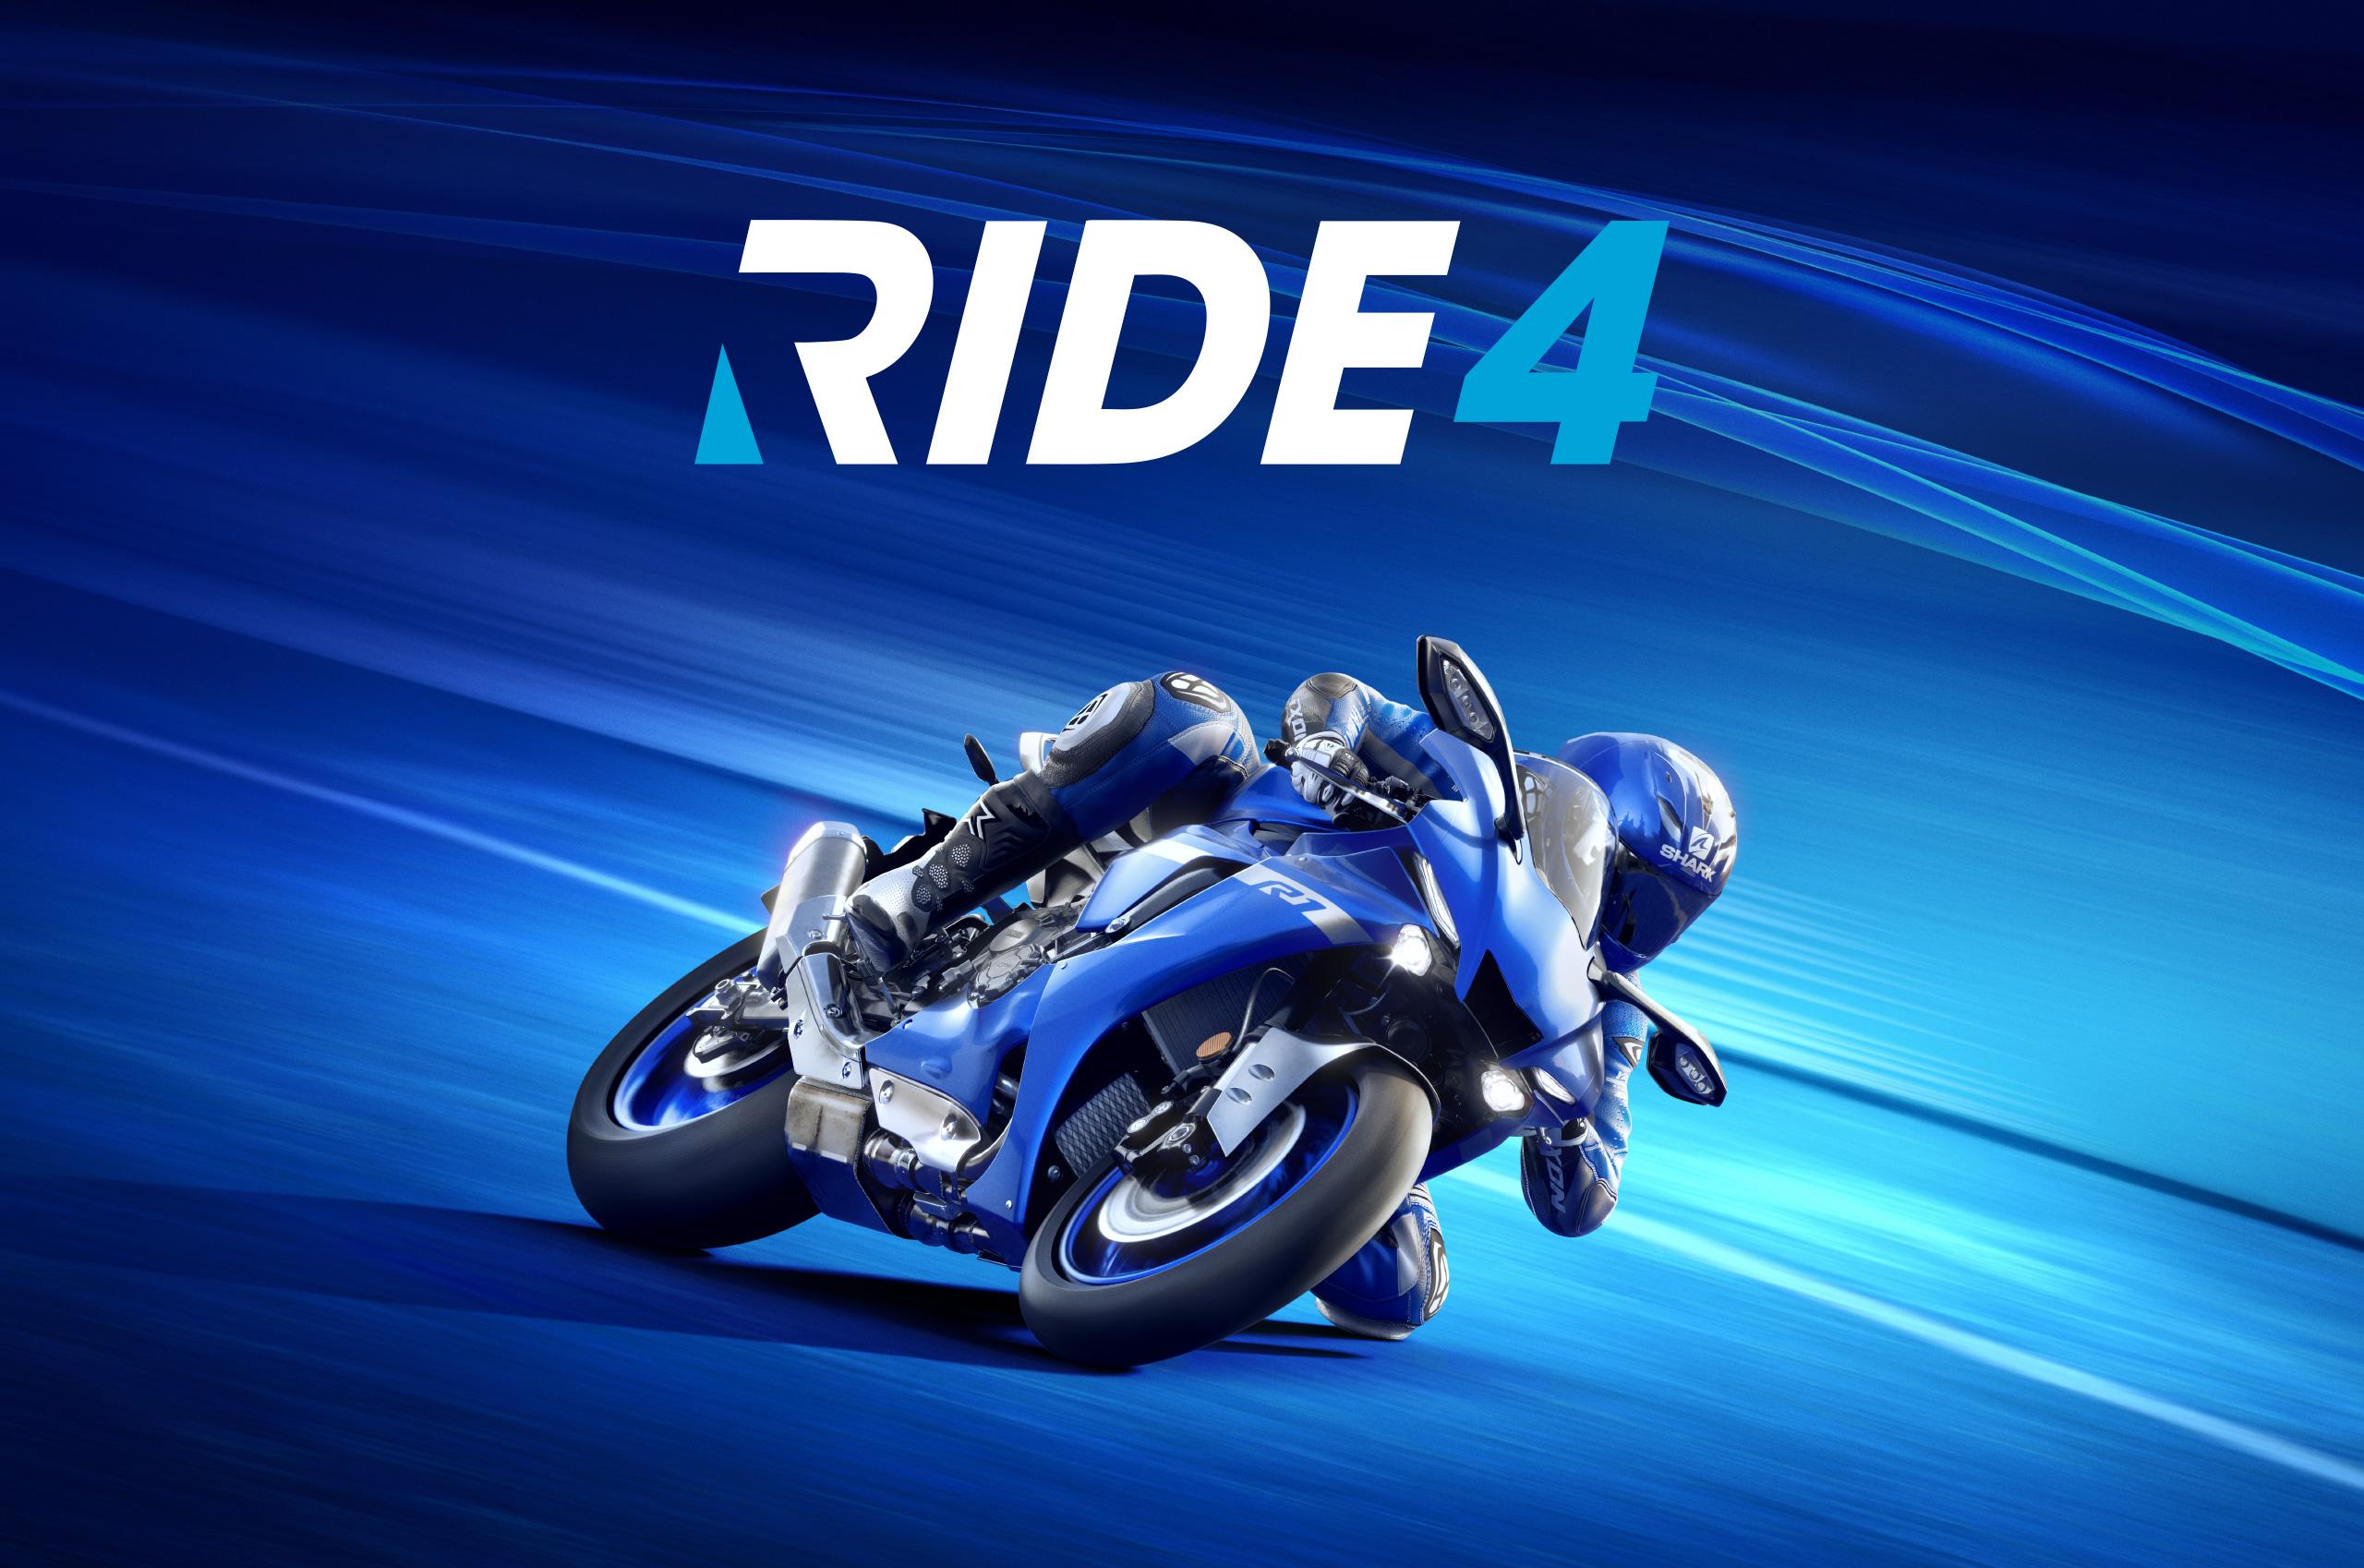 Press Release: Ride 4